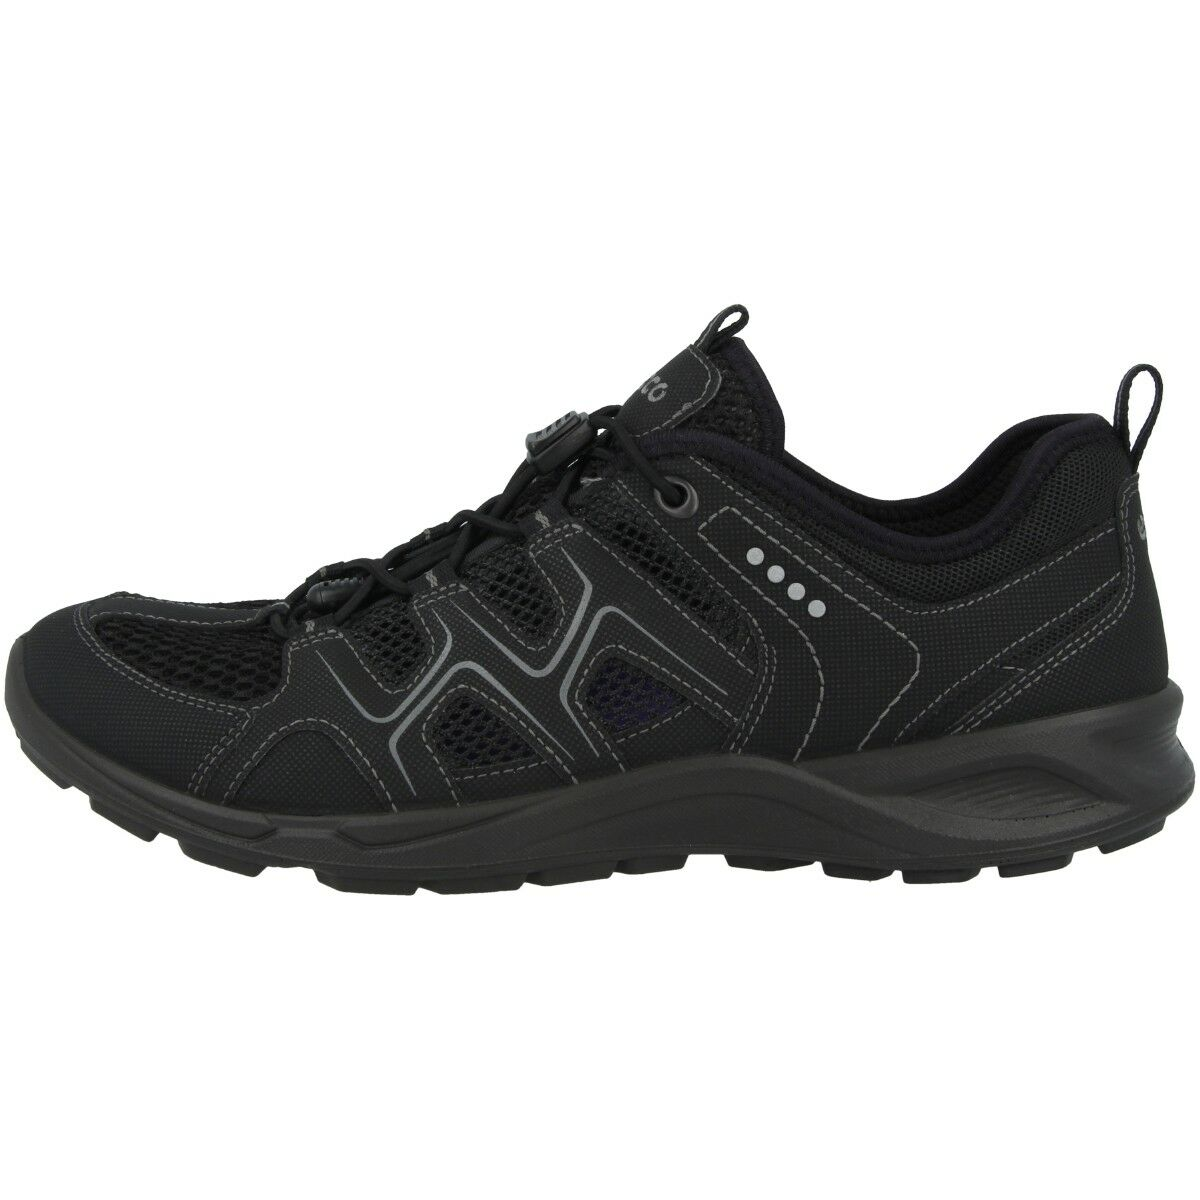 Cómodo y bien parecido ECCO terracruise Lite Mujeres trekking Aire Libre Zapatos Black 841113-51707